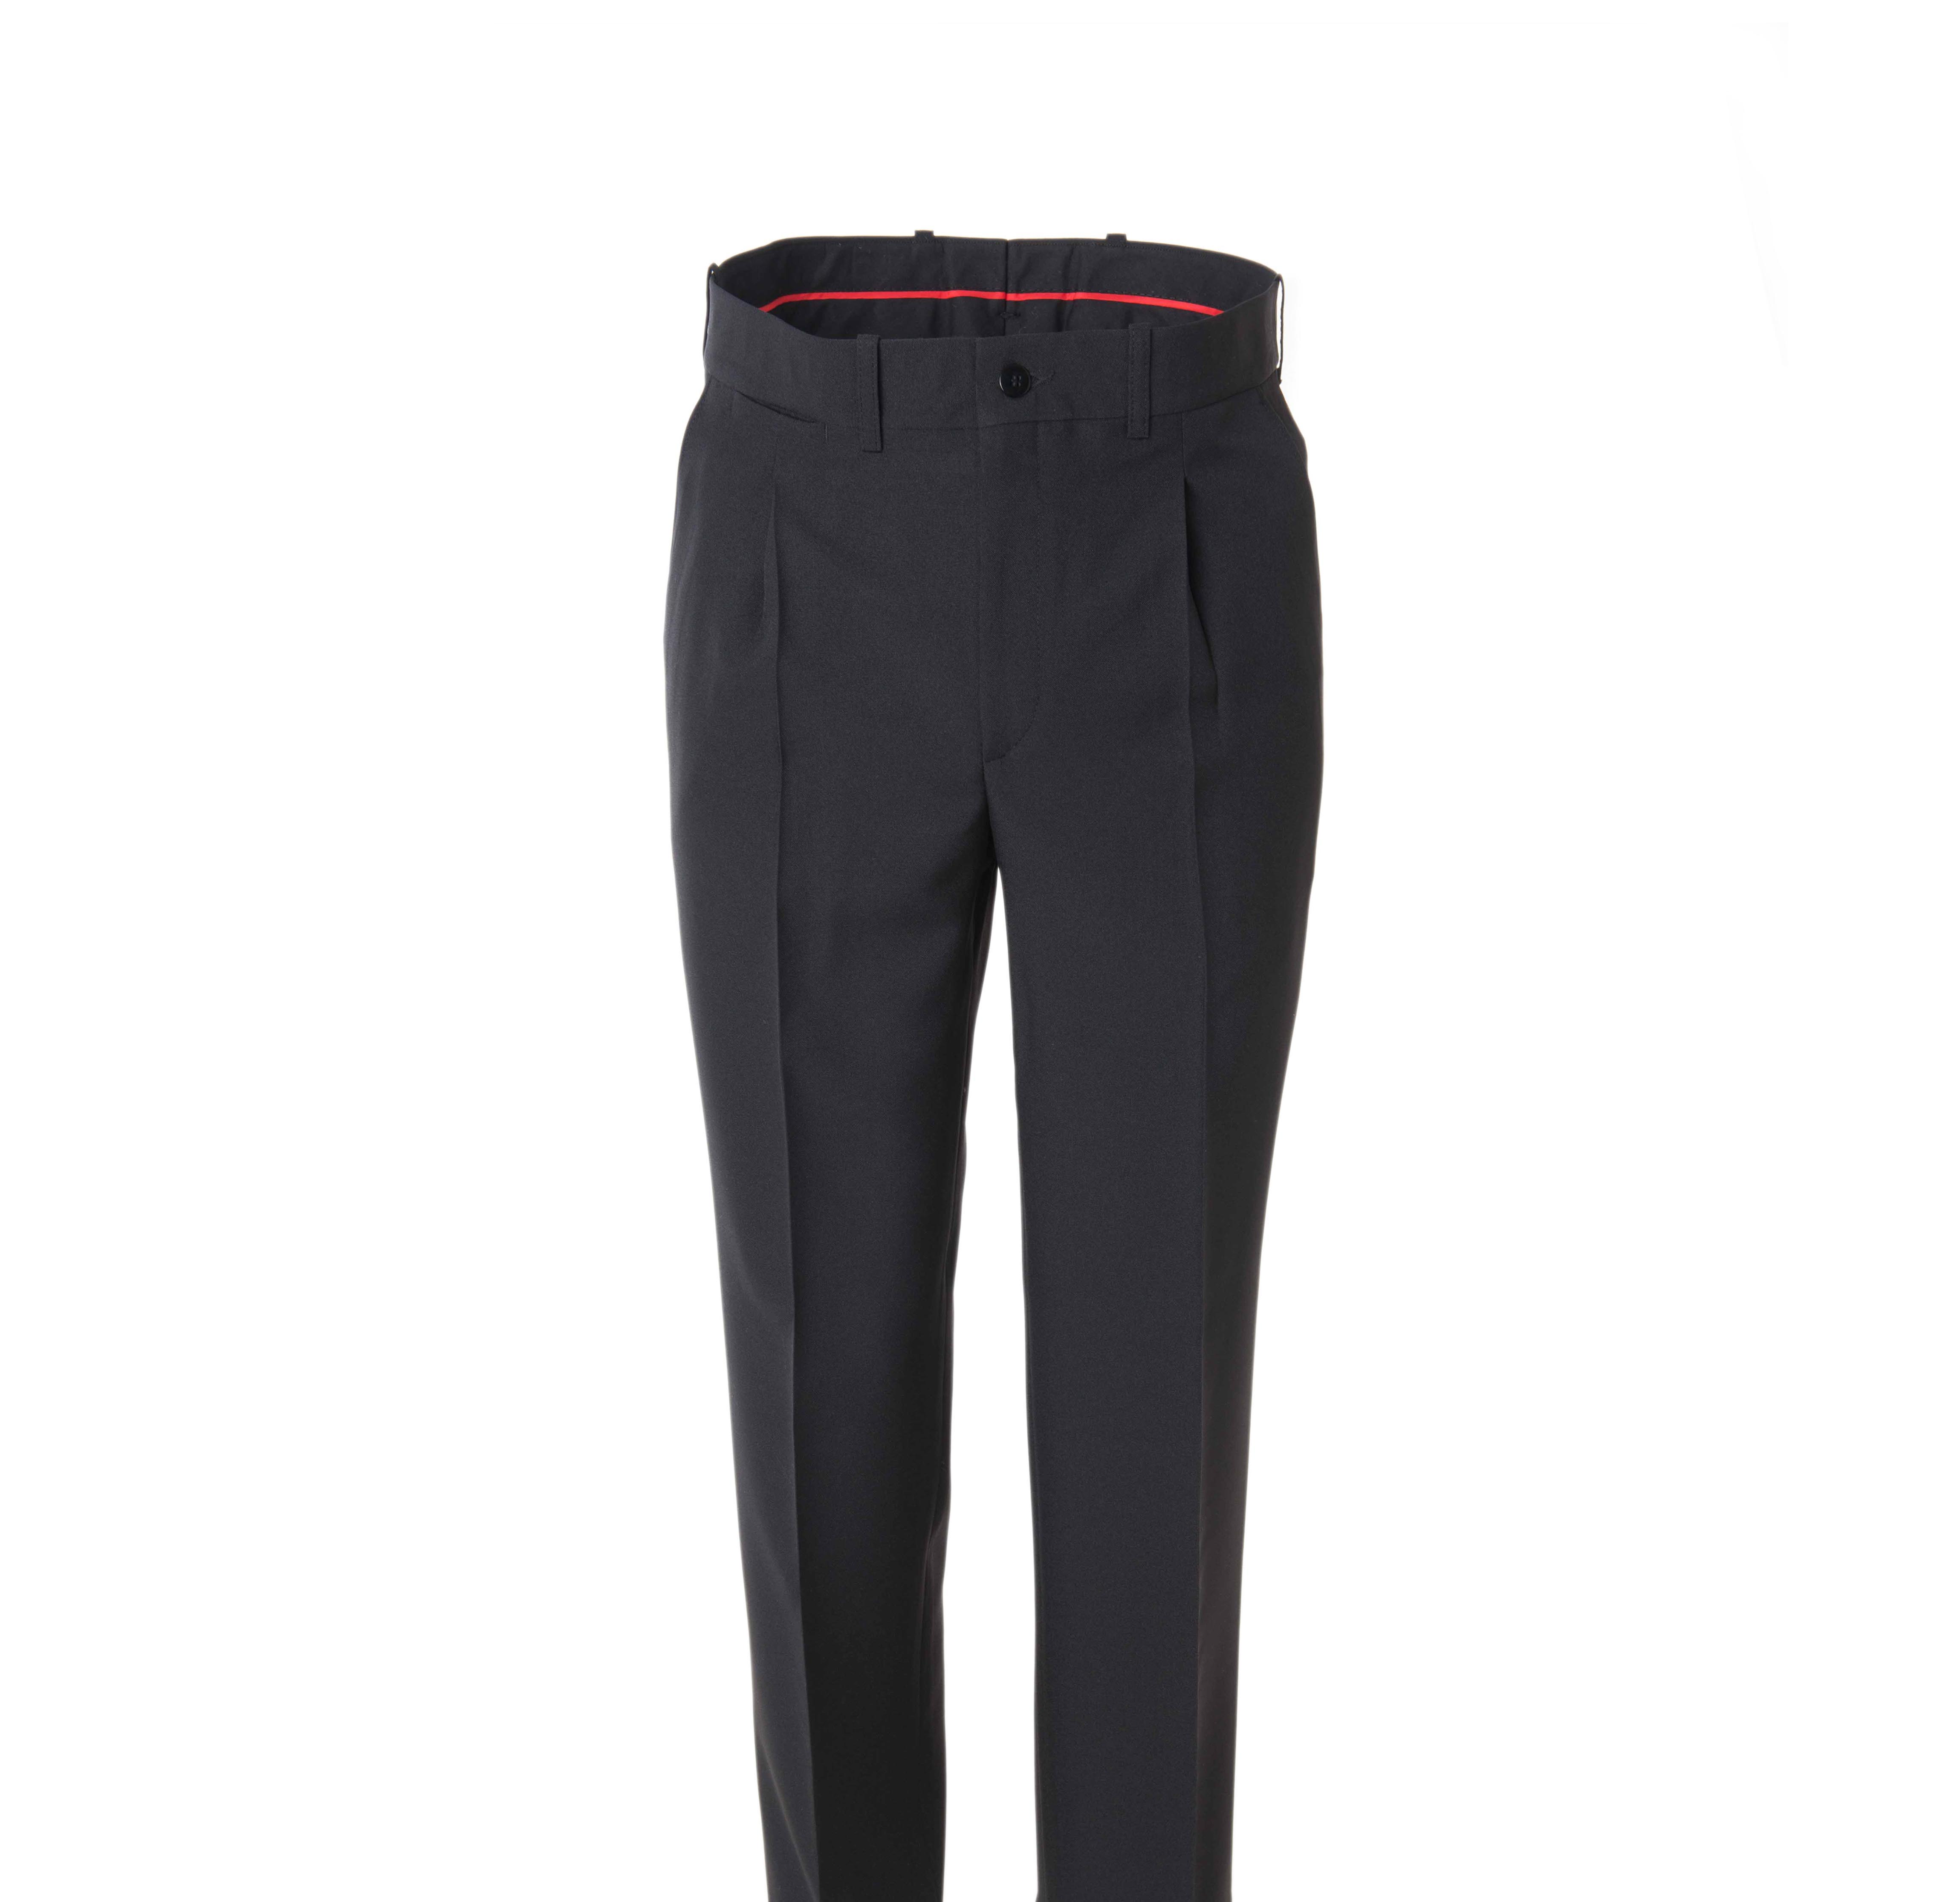 Pantalón Negro Camarero Pantalón Vestir Pinzas